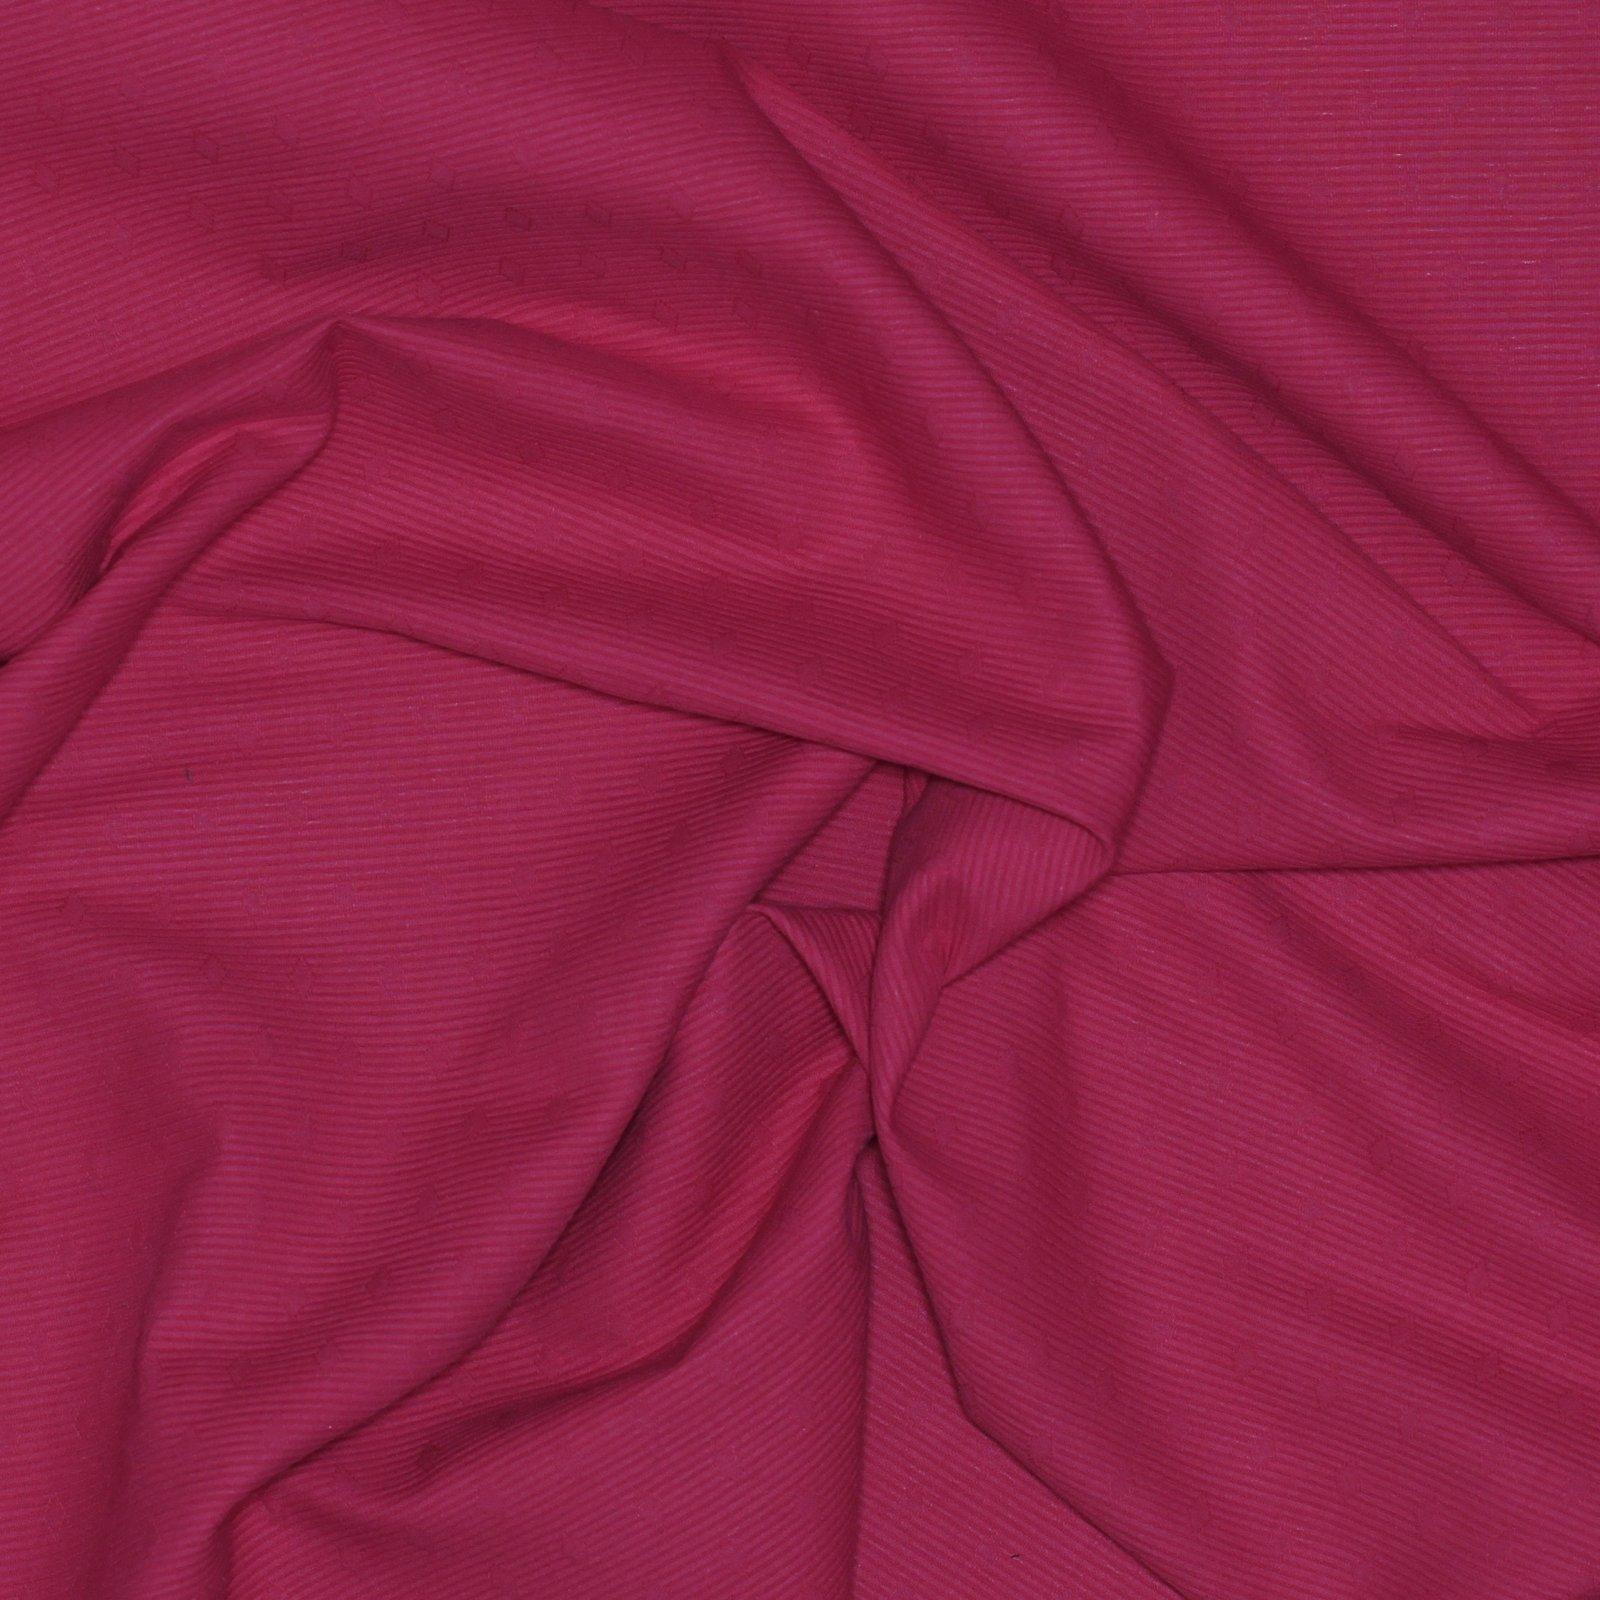 Red Swiss Pique Cotton